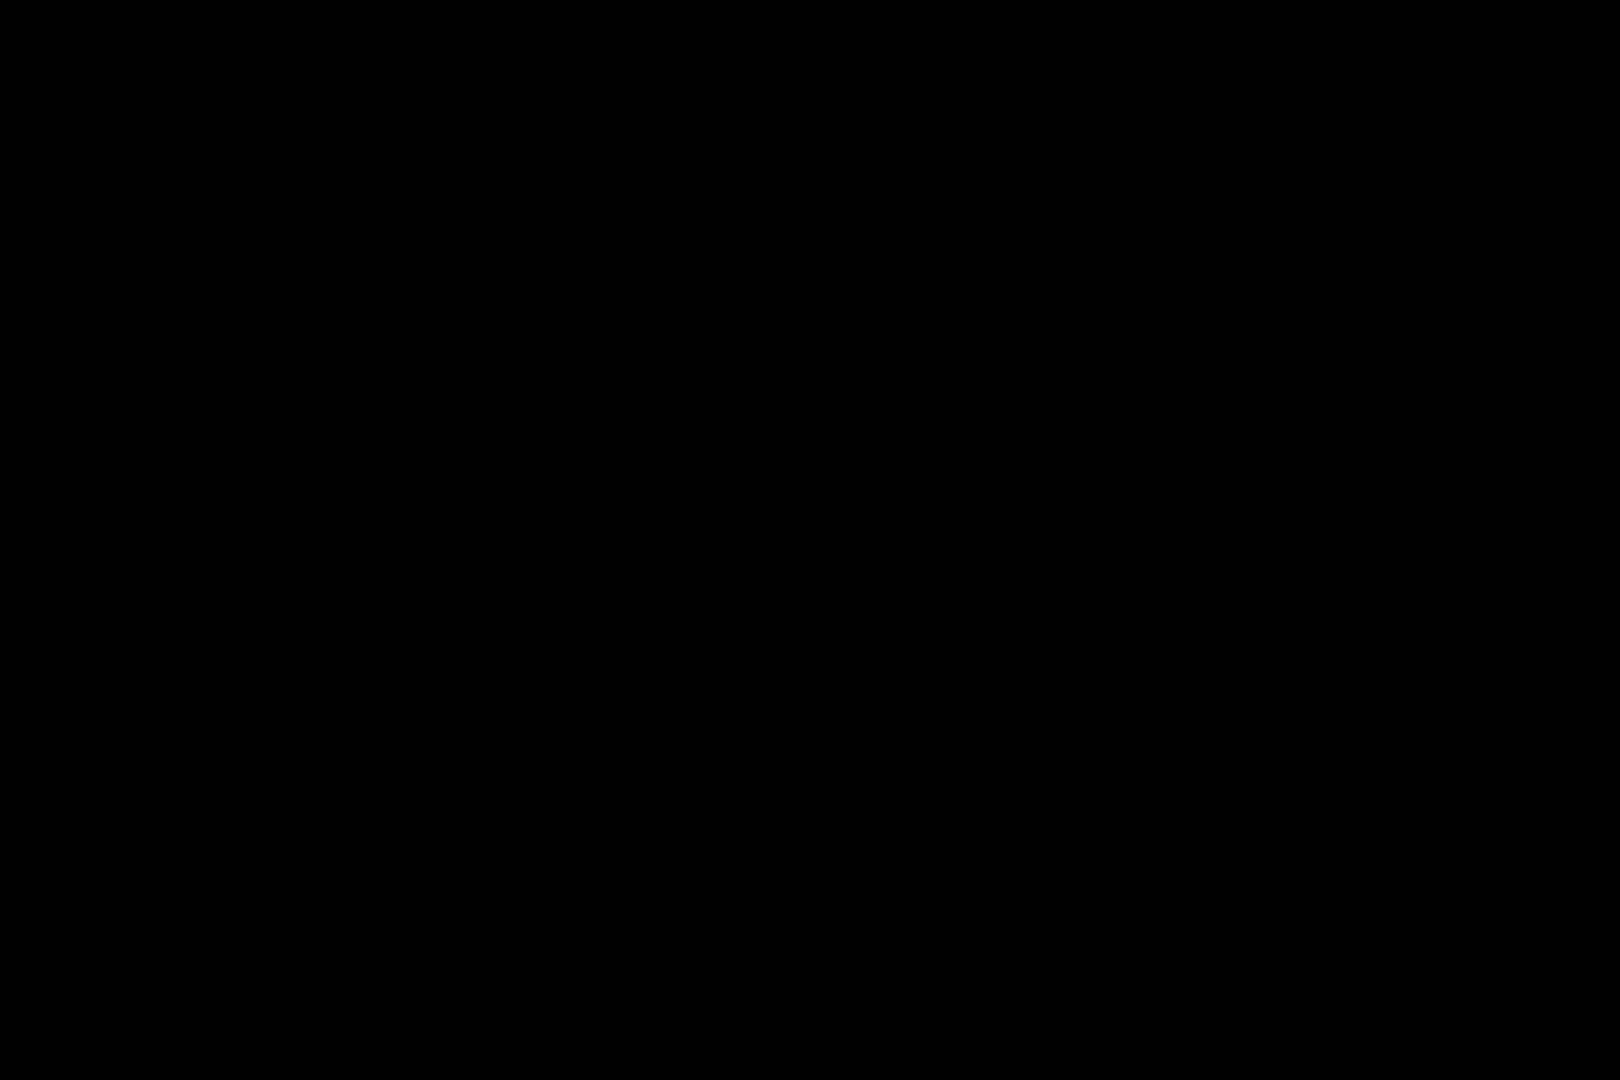 充血監督の深夜の運動会Vol.26 感じるセックス 隠し撮りオマンコ動画紹介 102連発 10